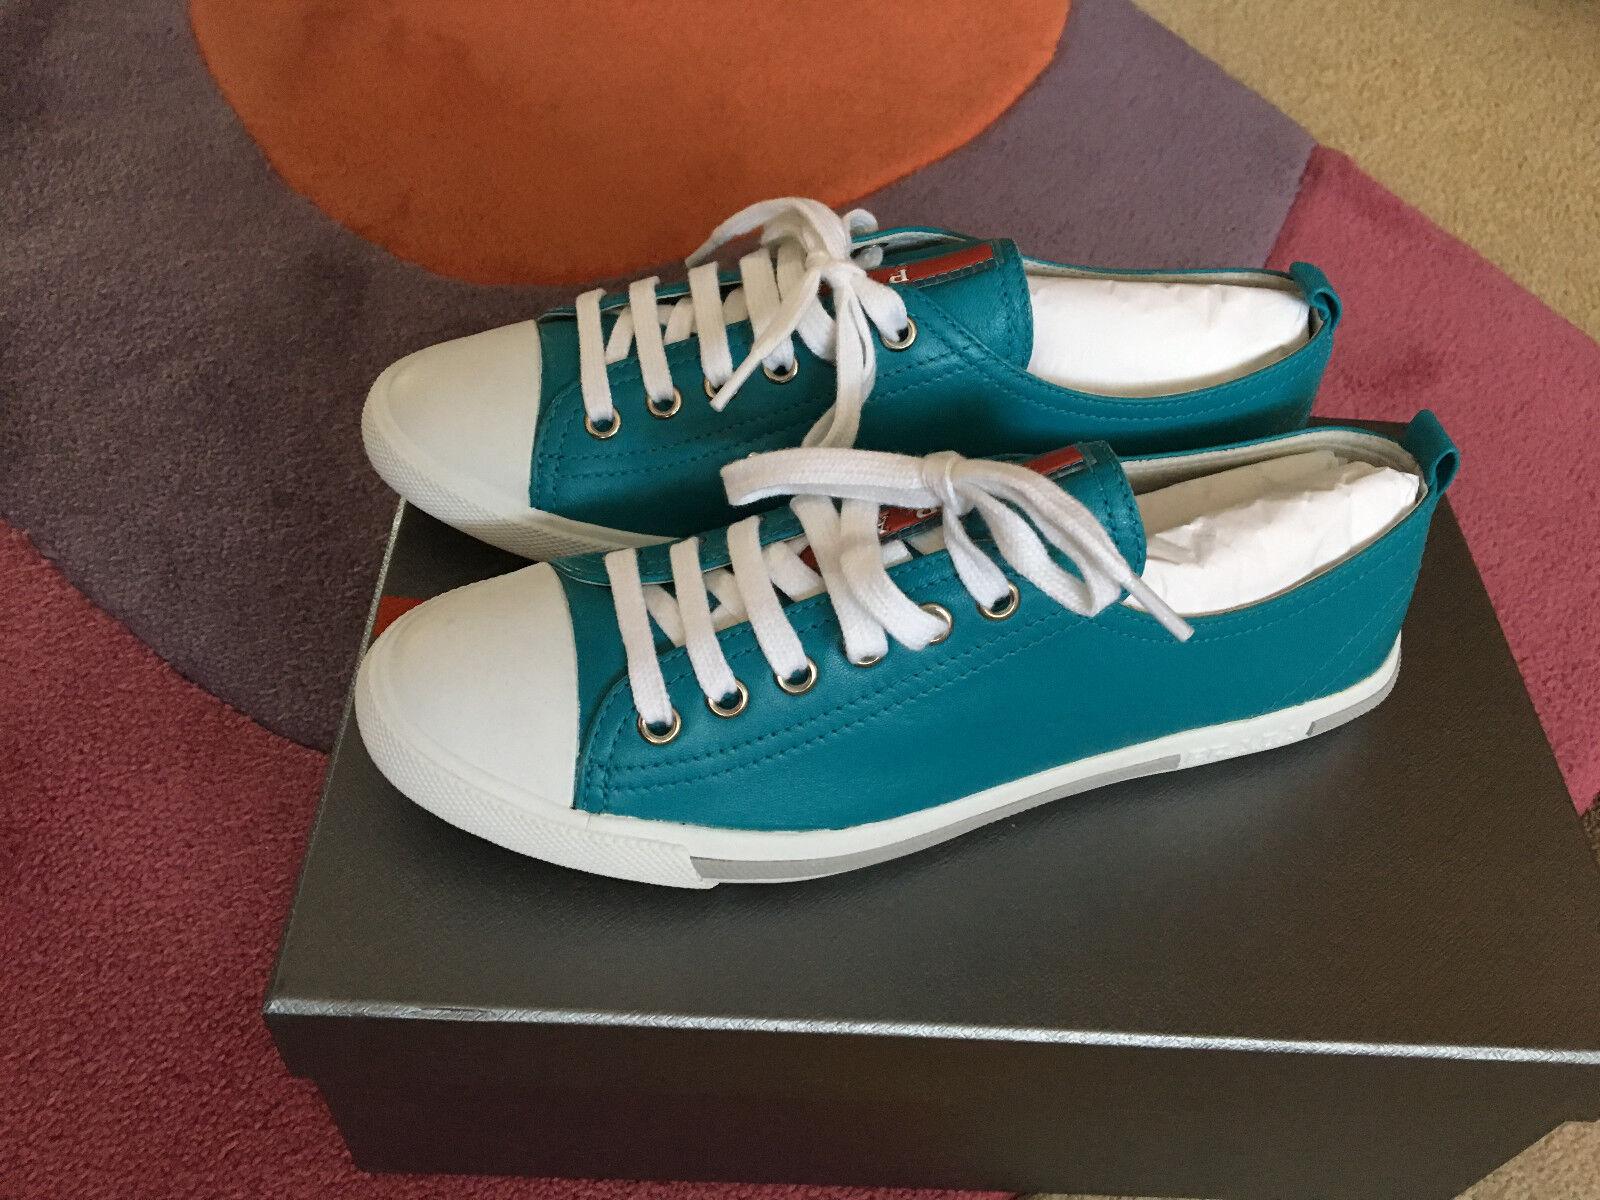 PRADA Sneaker Donna Scarpe Da NUOVO Ginnastica Tg. 37,5 NUOVO Da 937956